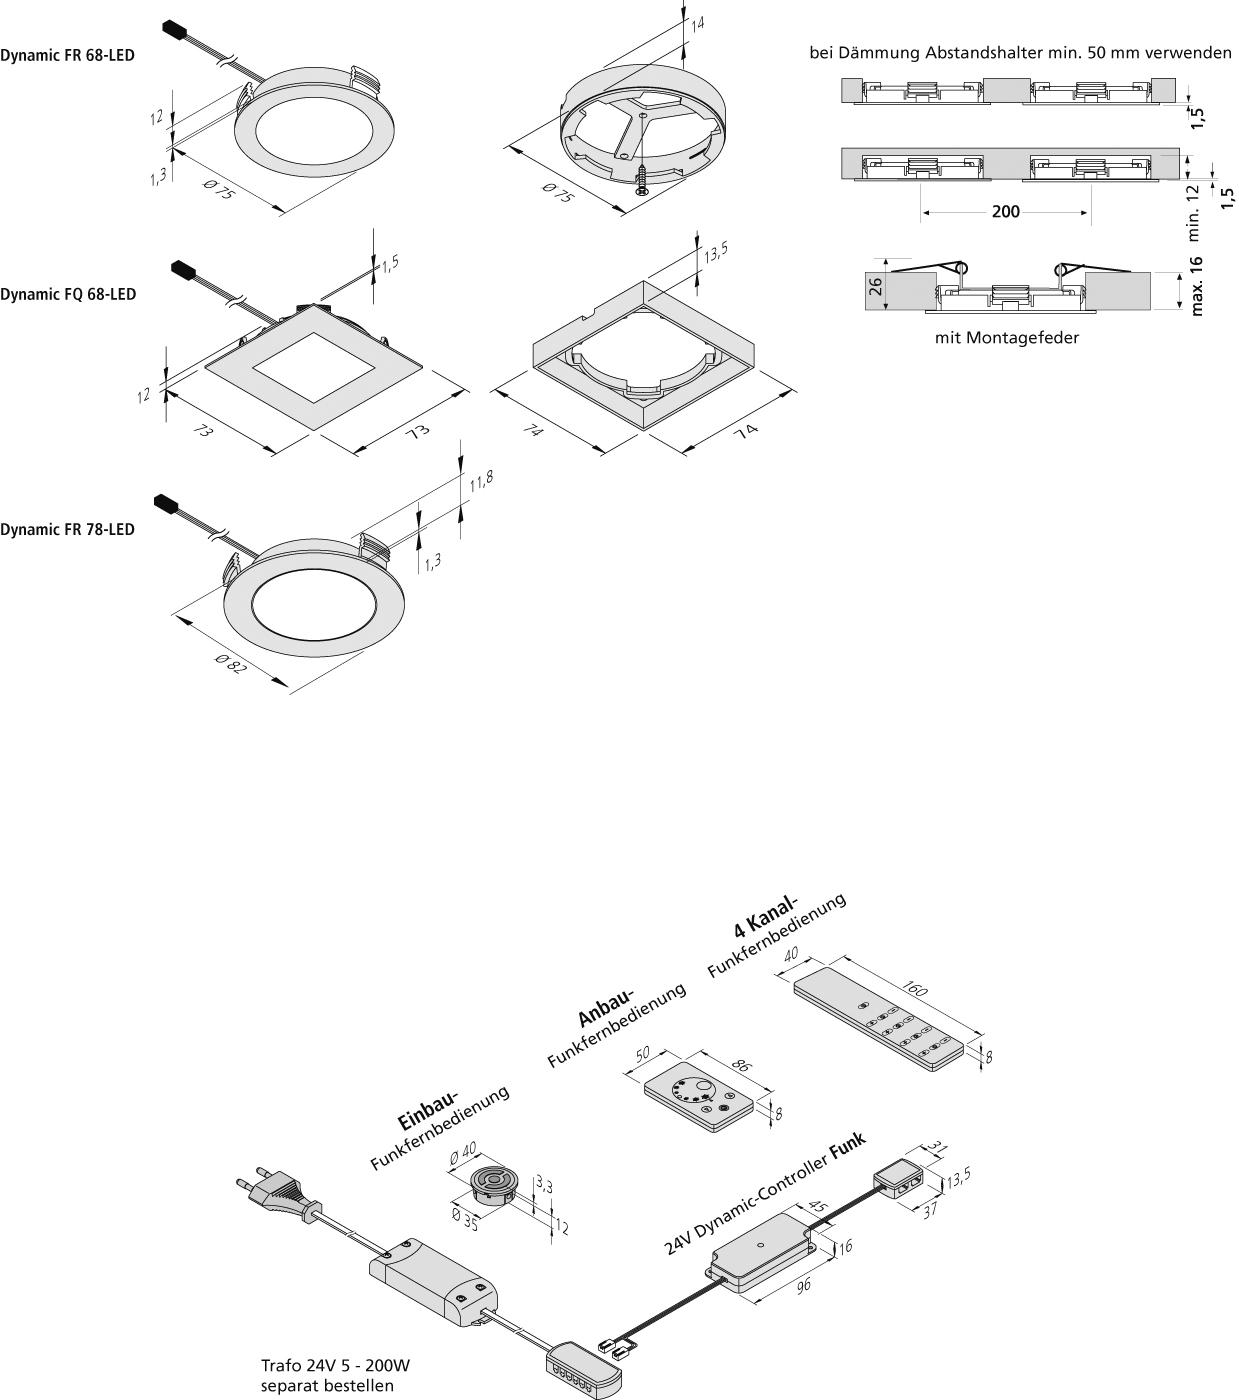 Vorschau: Dynamic-FR-68-LED_vec_de